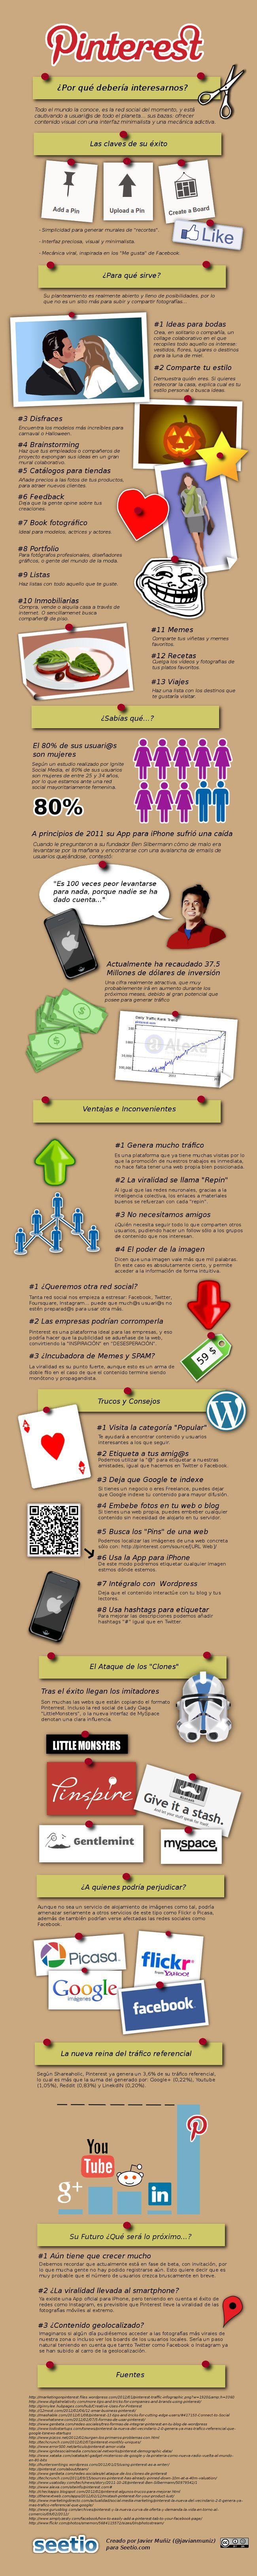 Pinterest Infographic Spanish #Pinterest #Infographic #Spanish - by Bootcamp Media ( #Pinterest #Marketing #SocialMedia #Infographic )